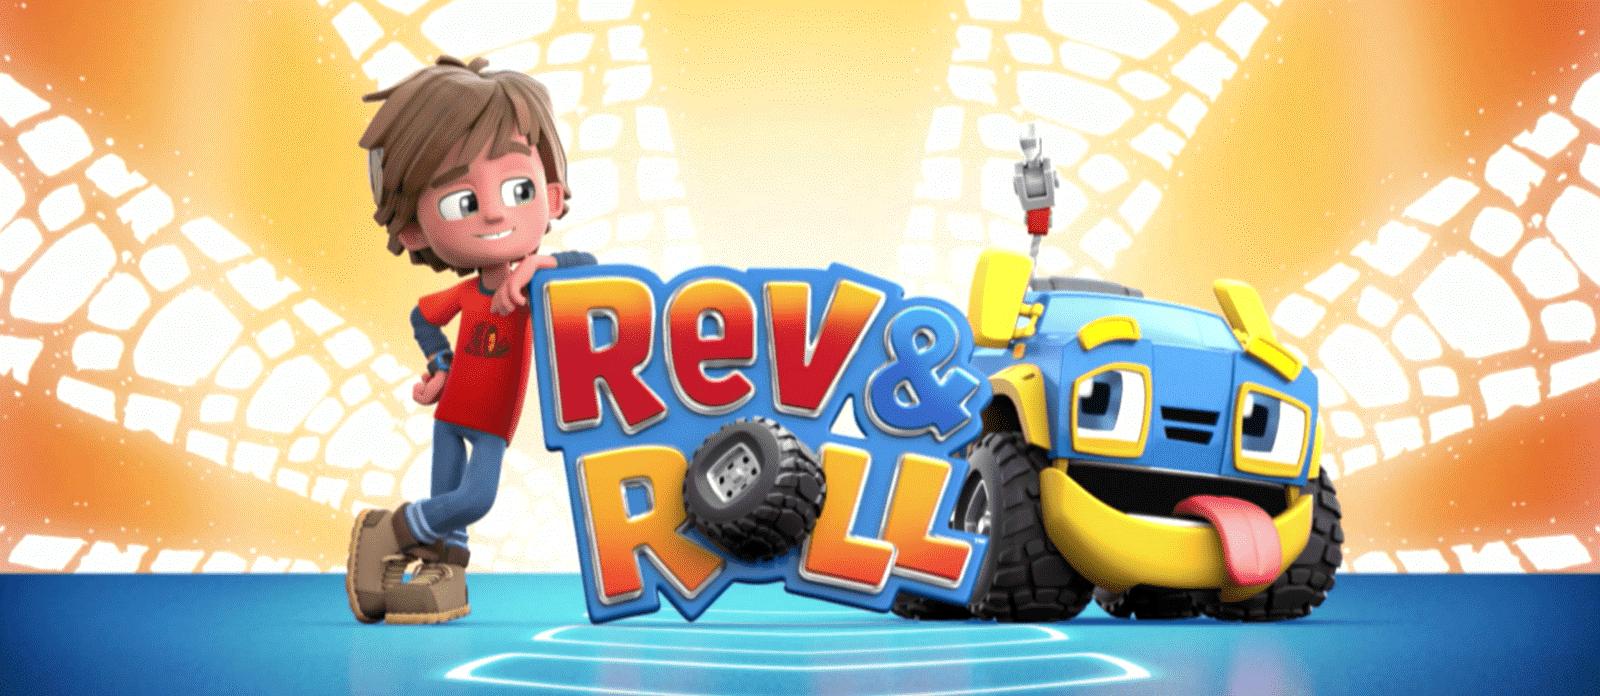 Rev&Roll EU881110 Мини машинка - Рамбл